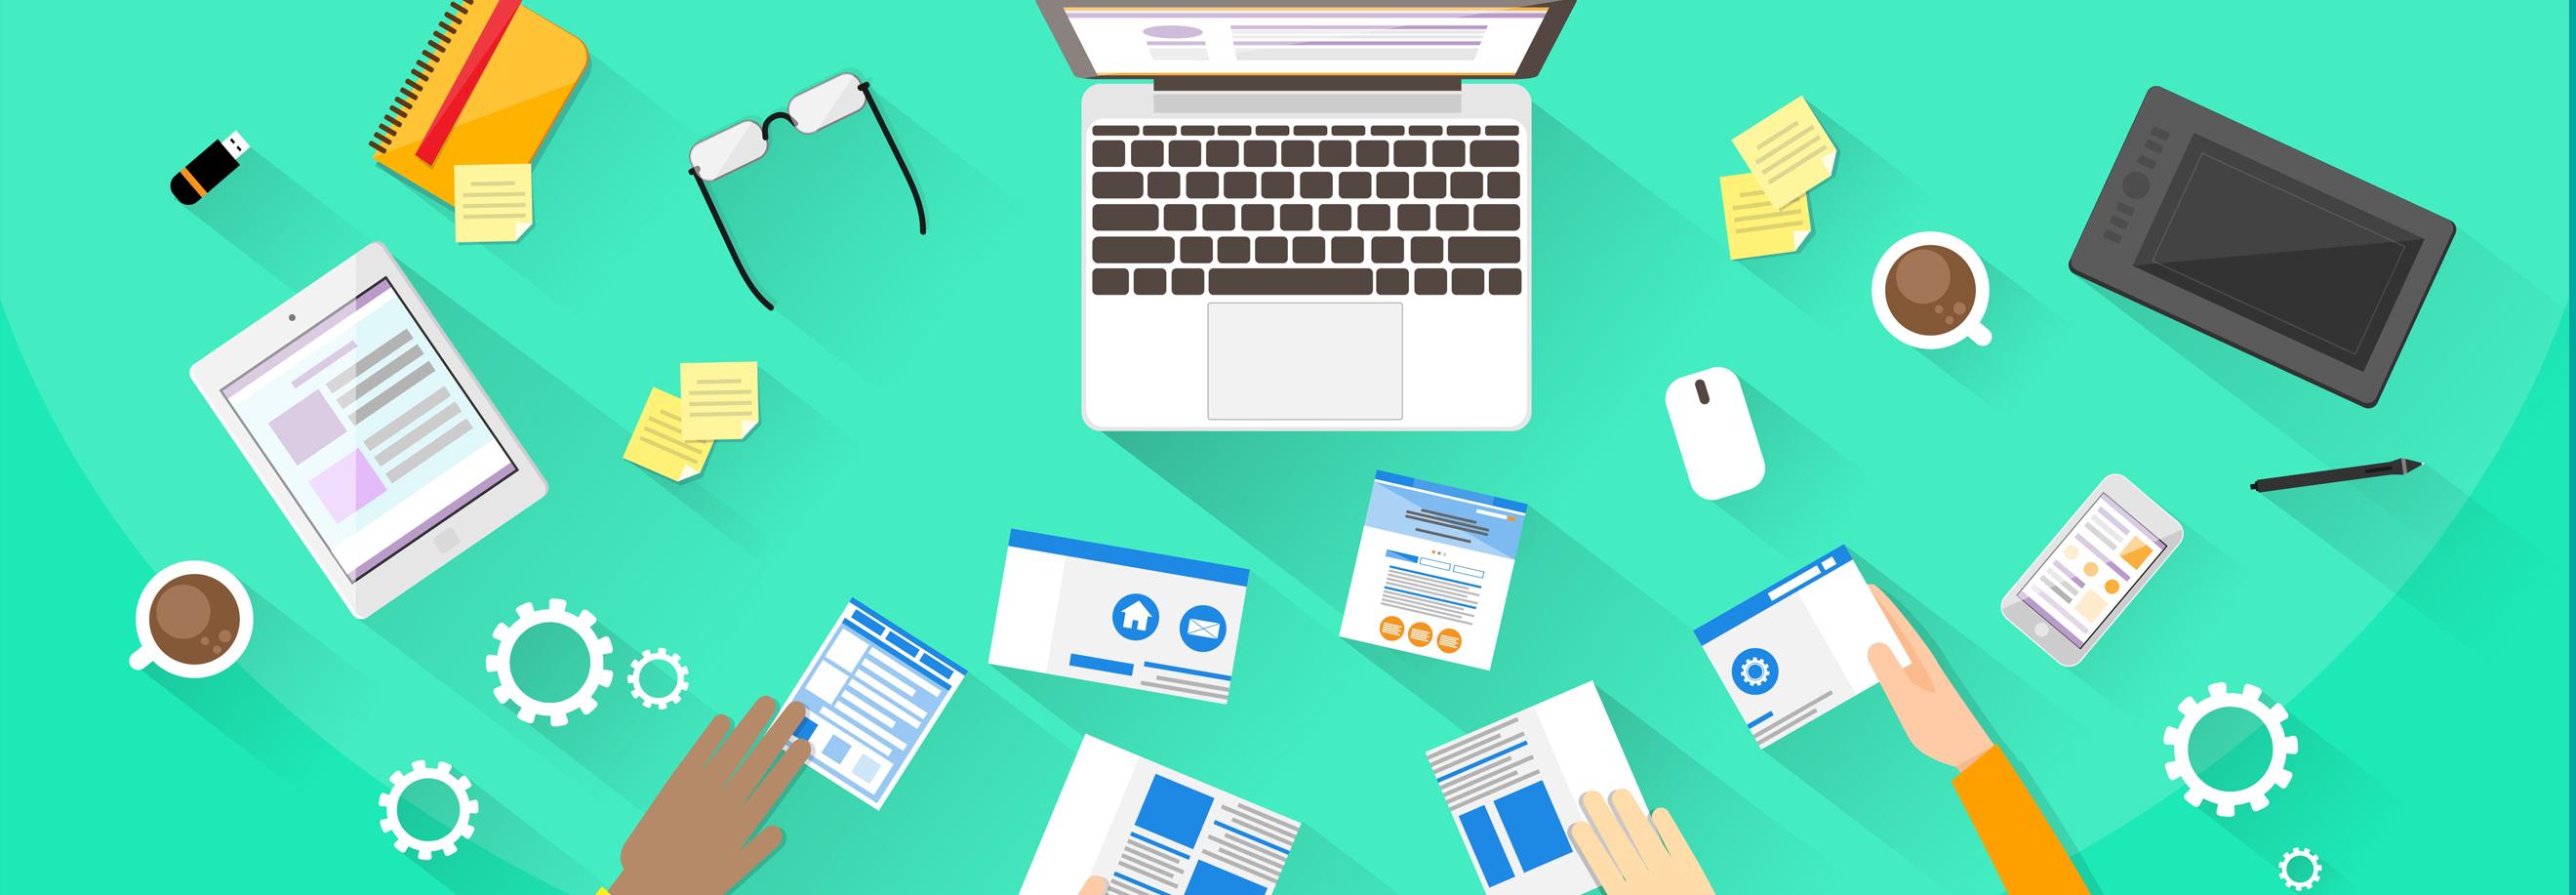 Online Media Planing